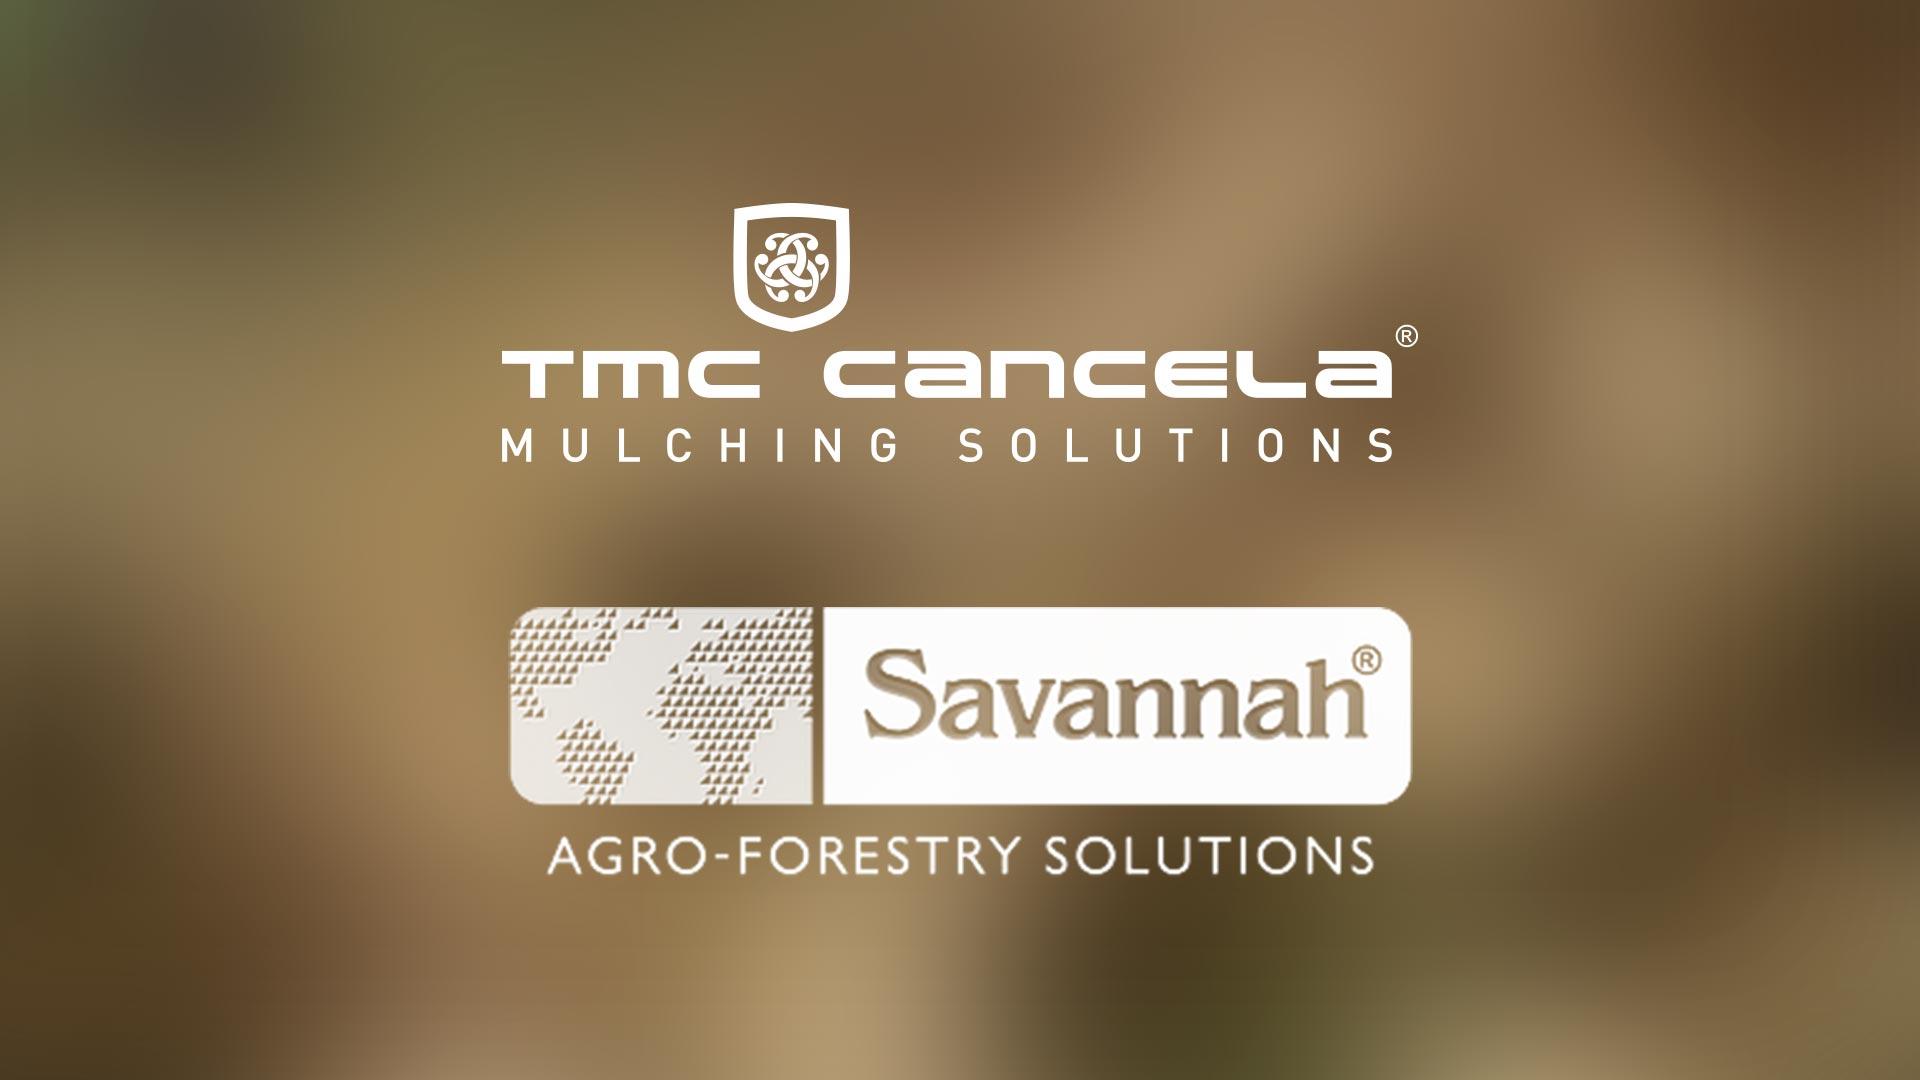 TMC Cancela et Savannah - partenaires premium